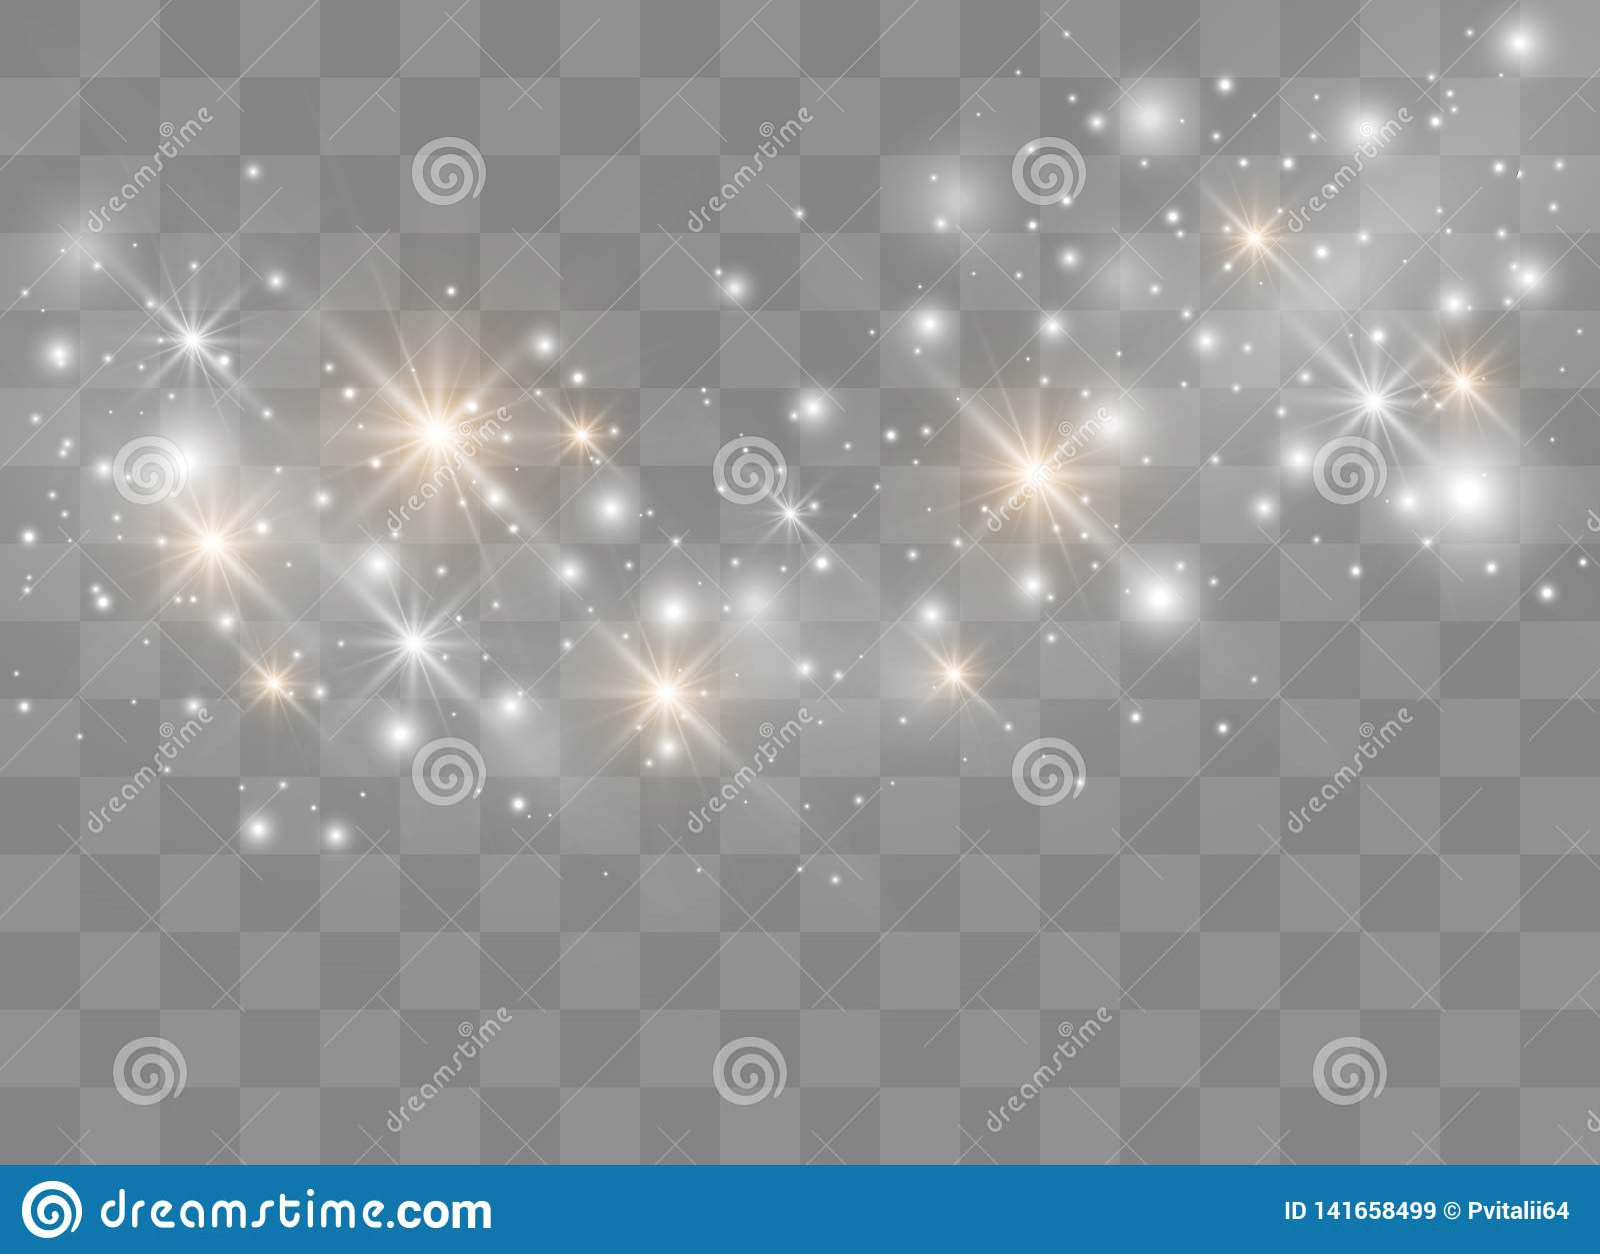 Световой эффект яркого блеска искр особенный Вектор сверкнает на прозрачной предпосылке Картина рождества абстрактная Сверкная во